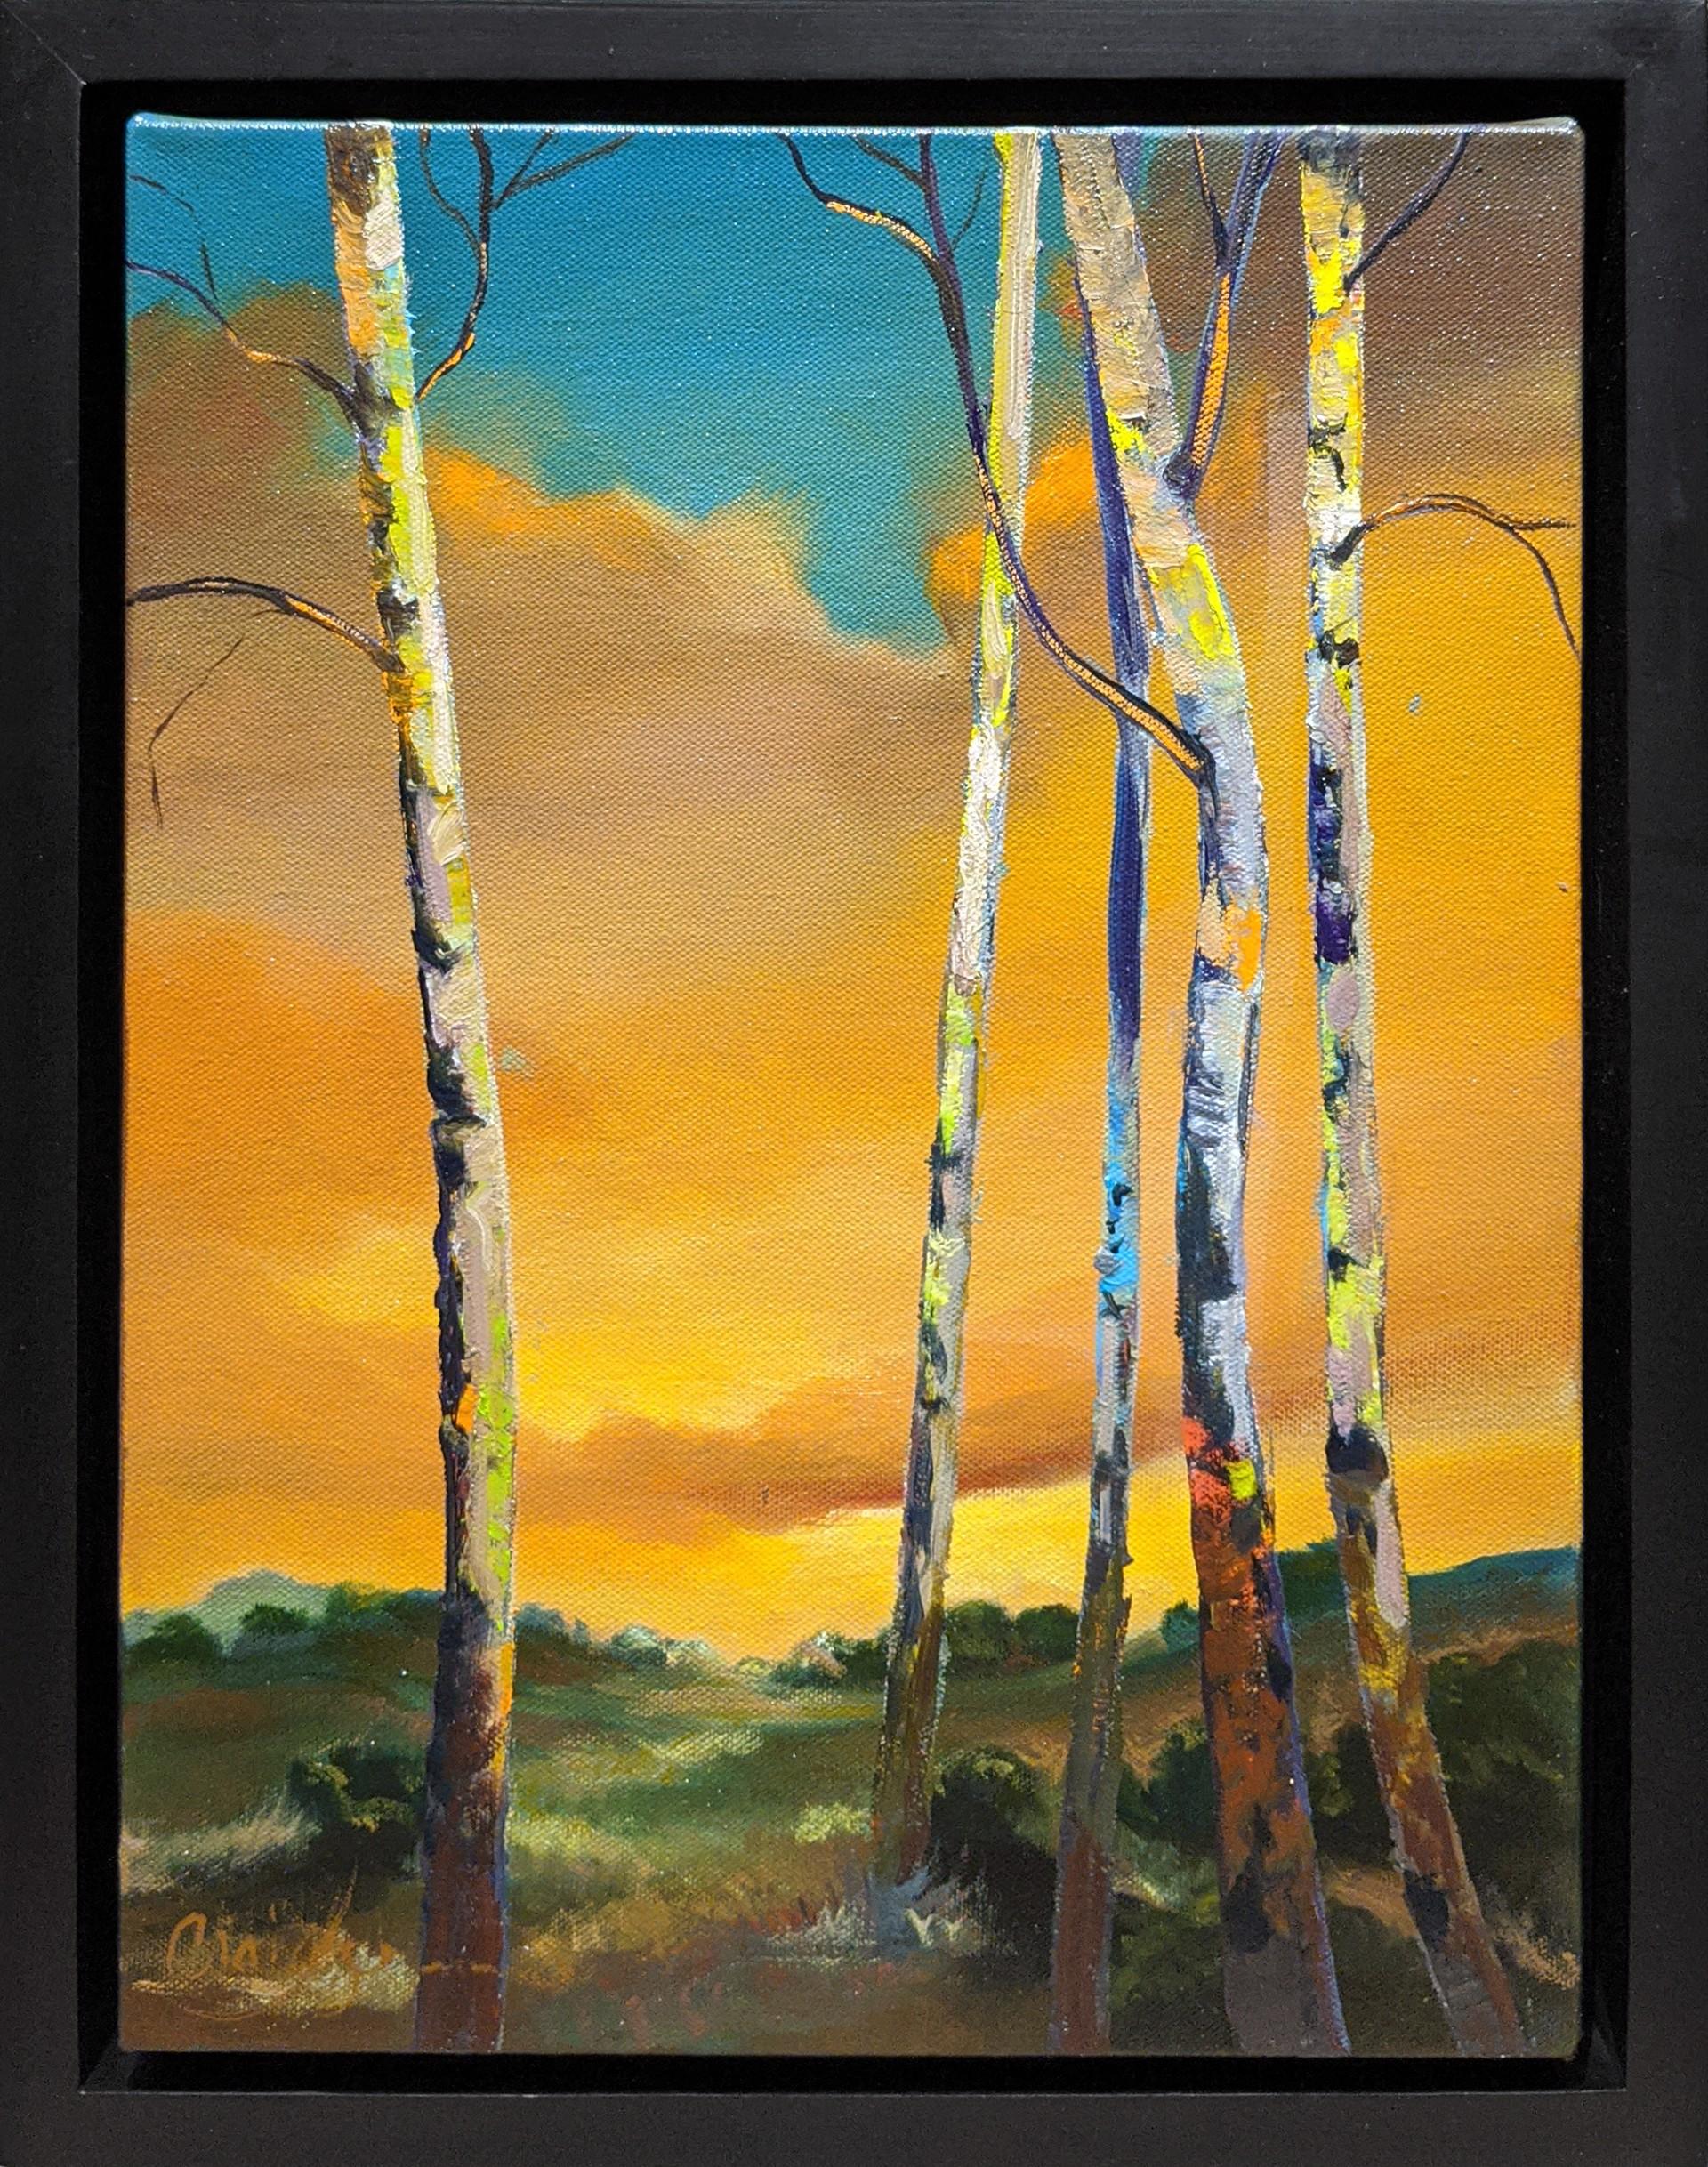 Aspen Jewel III by Craig Freeman